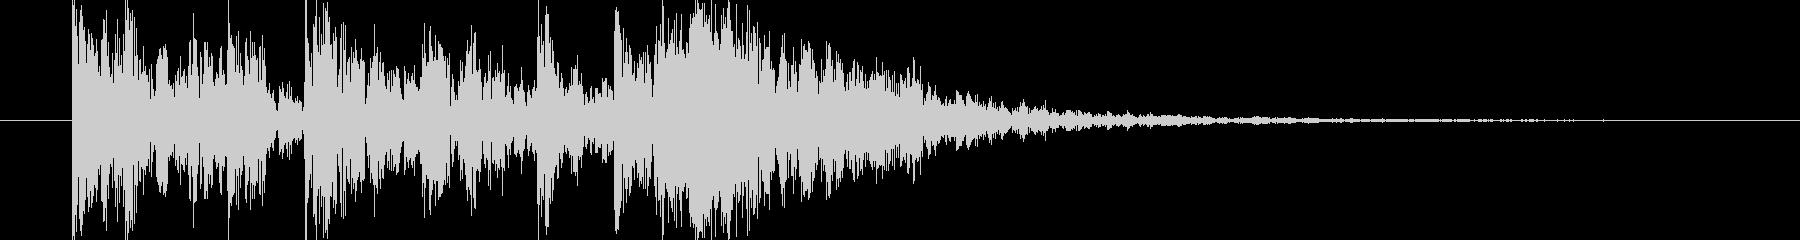 短い和風の効果音 2の未再生の波形